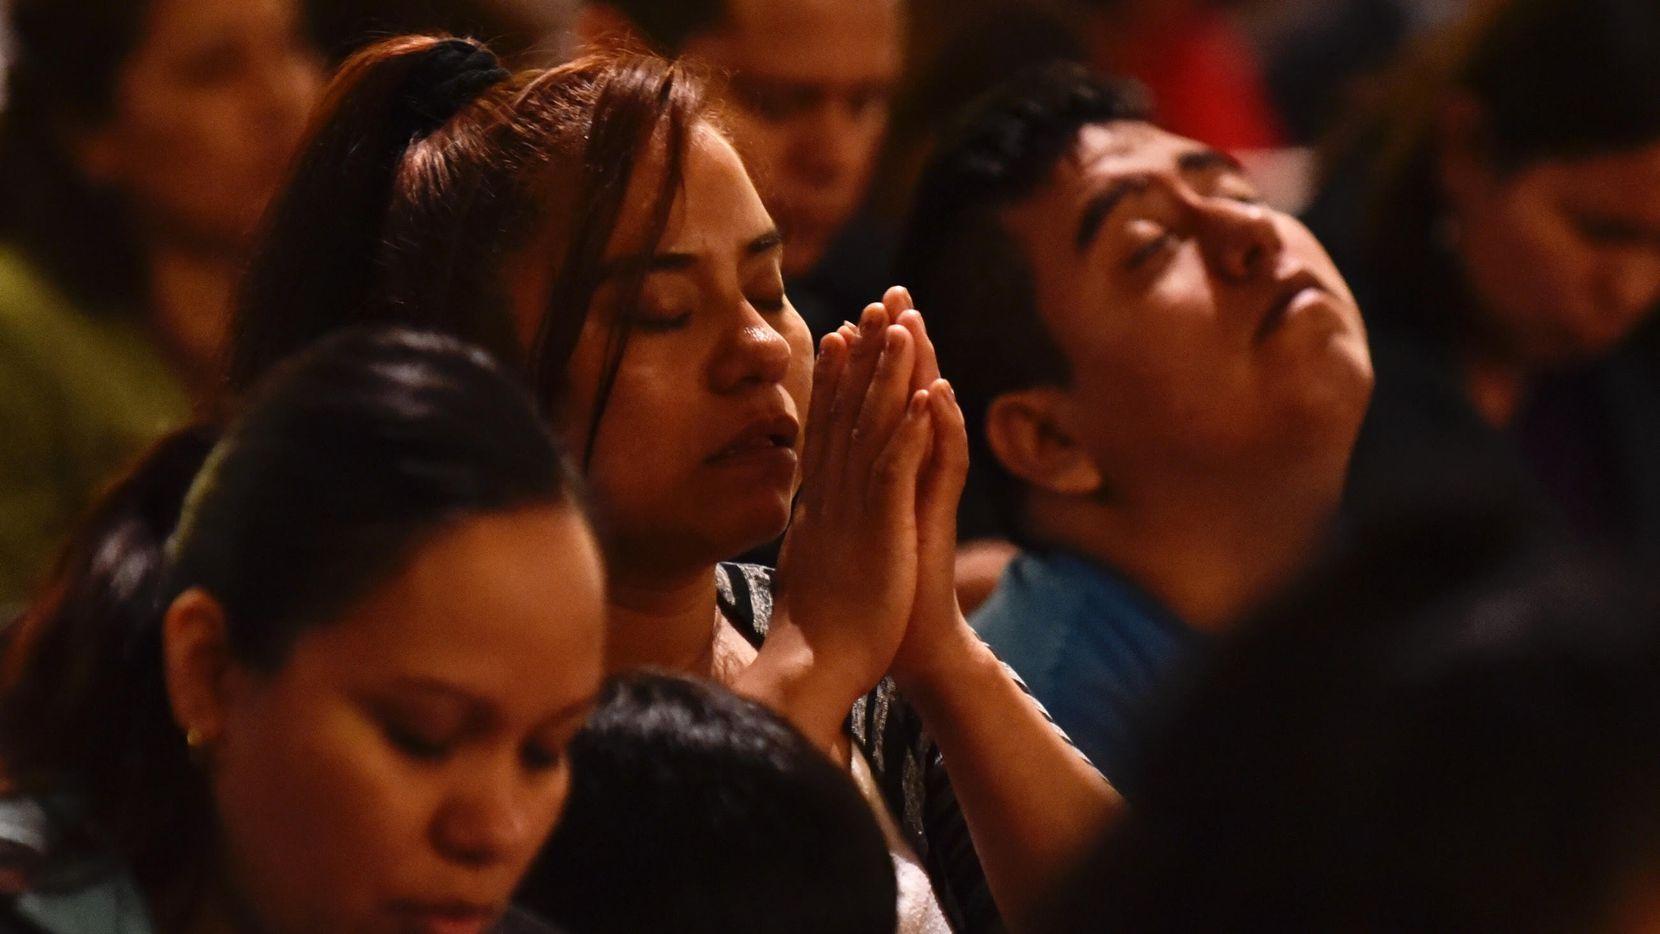 Alrededor de 100 personas llegaron a la Catedral Santuario de Guadalupe para una misa en solidaridad con los migrantes. BEN TORRES/AL DÍA